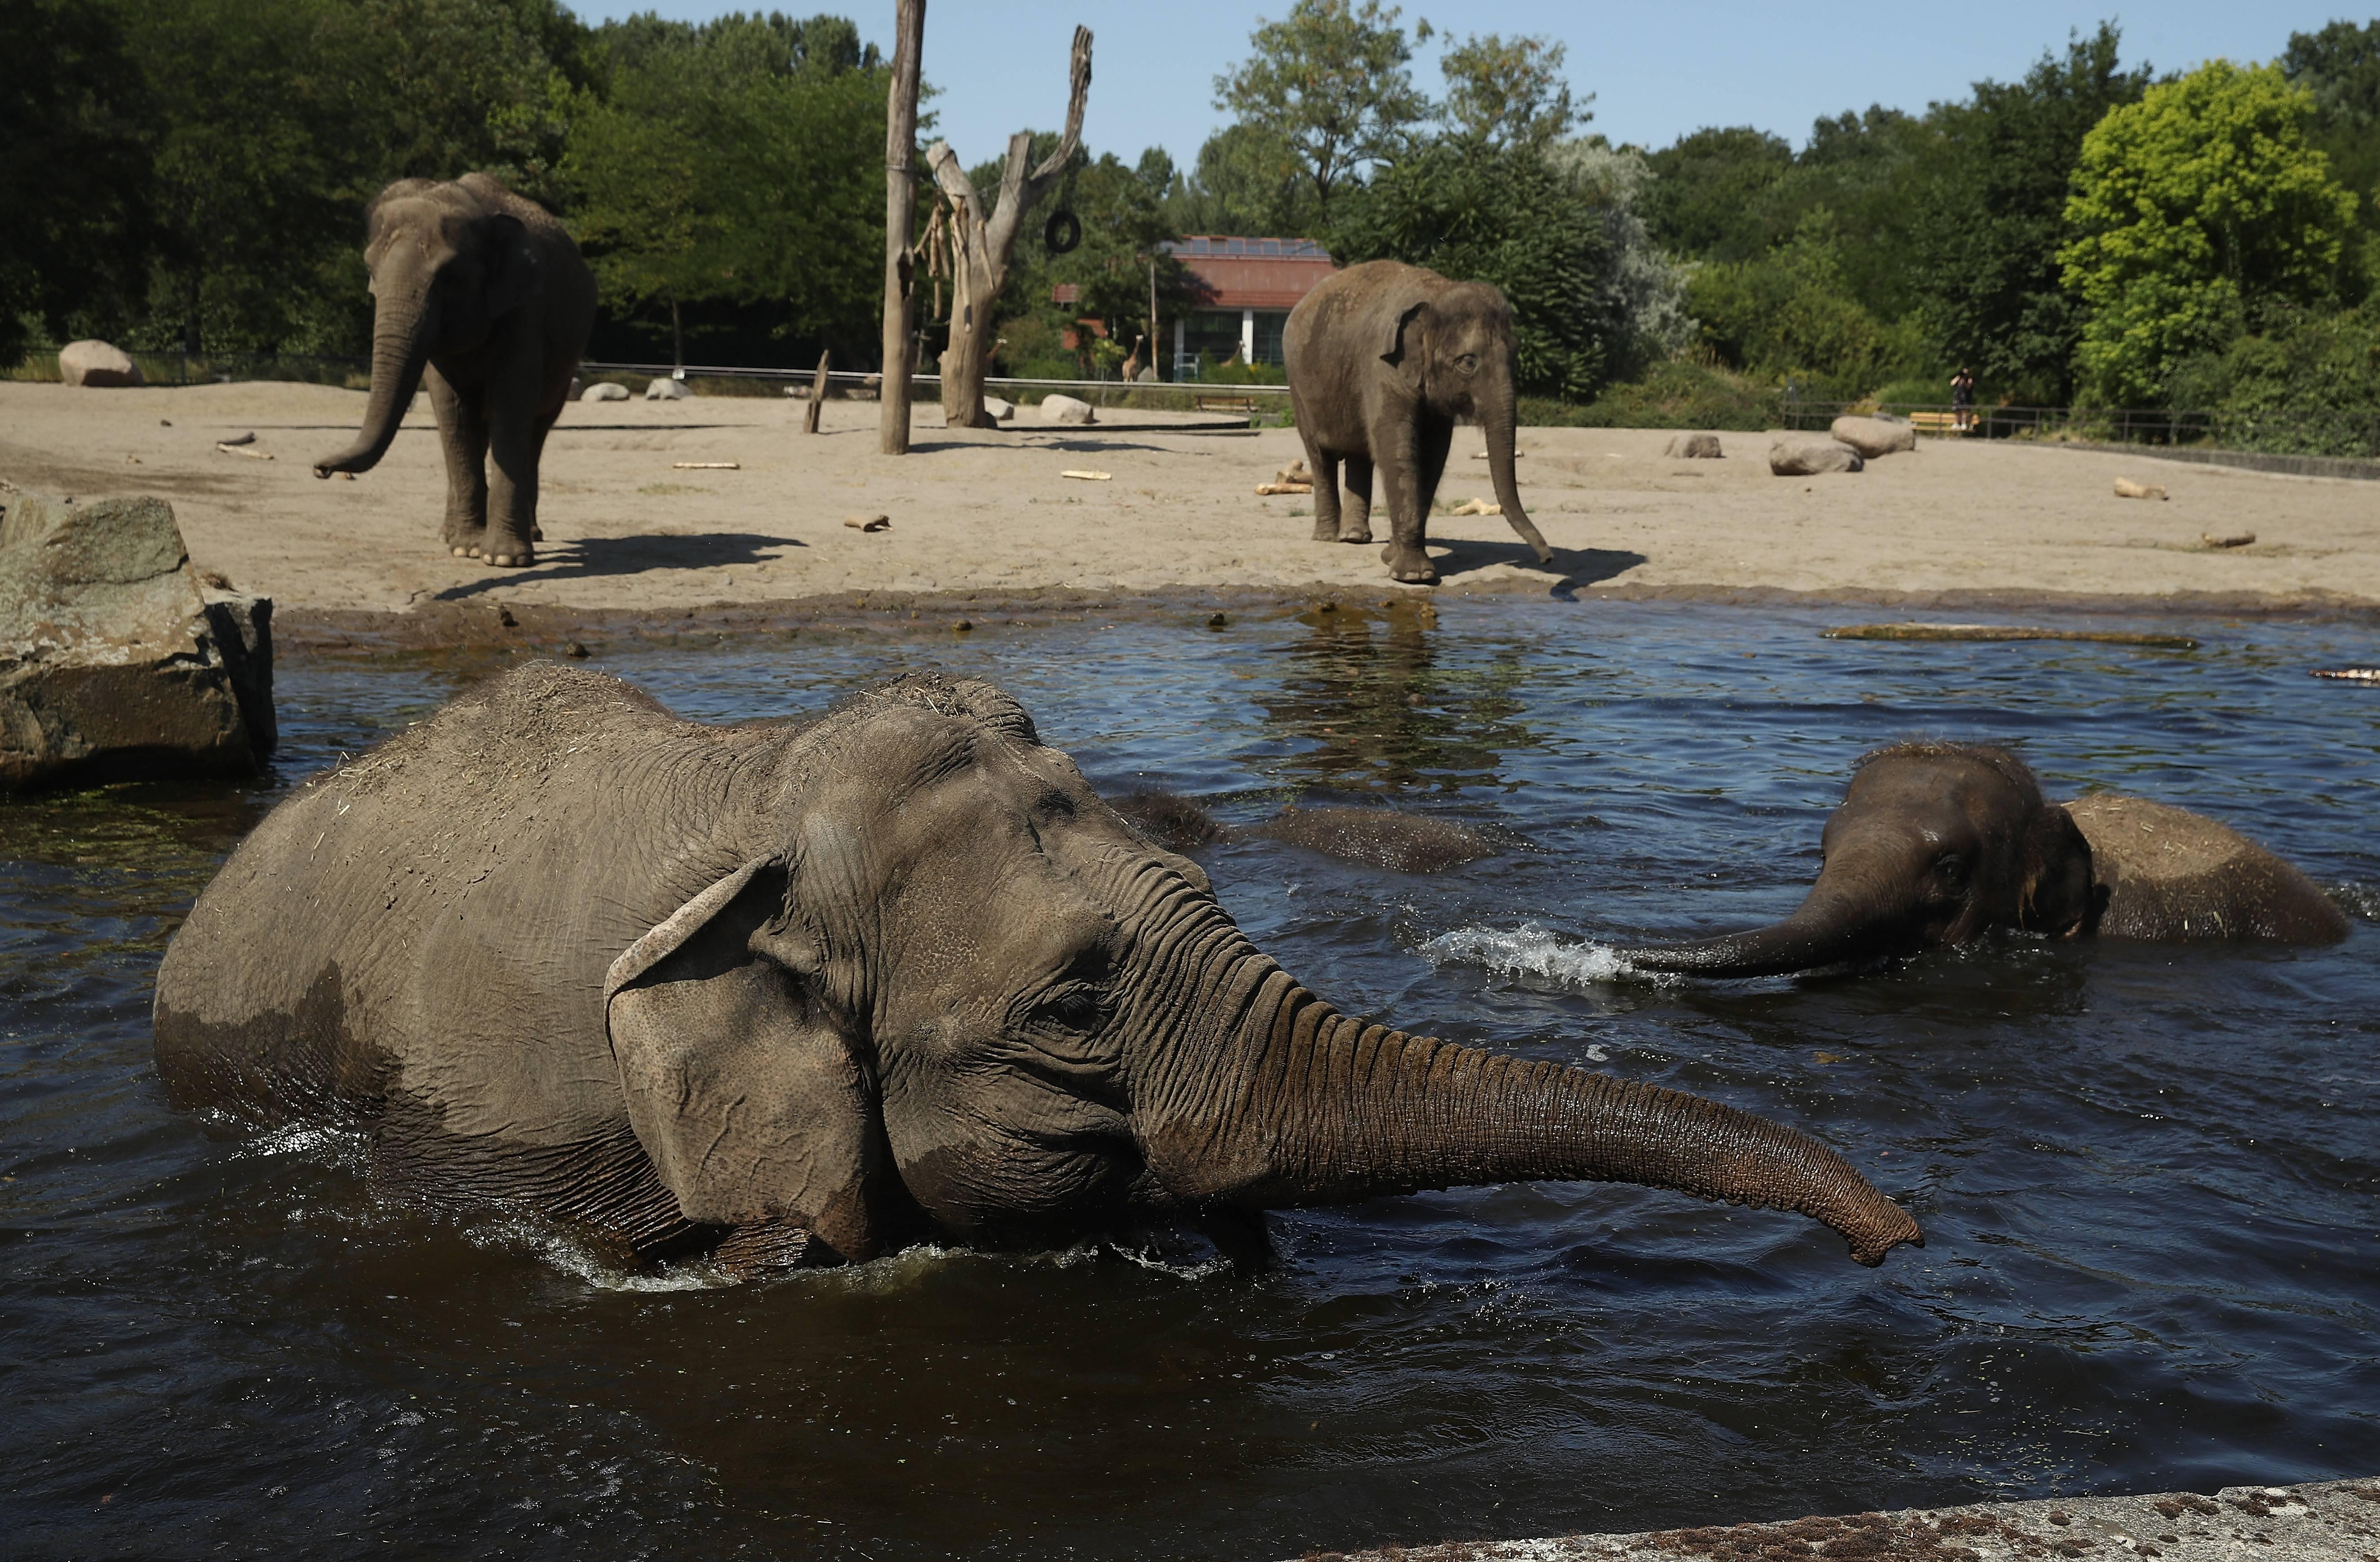 Científicos descubrieron por qué la piel de los elefantes es tan arrugada